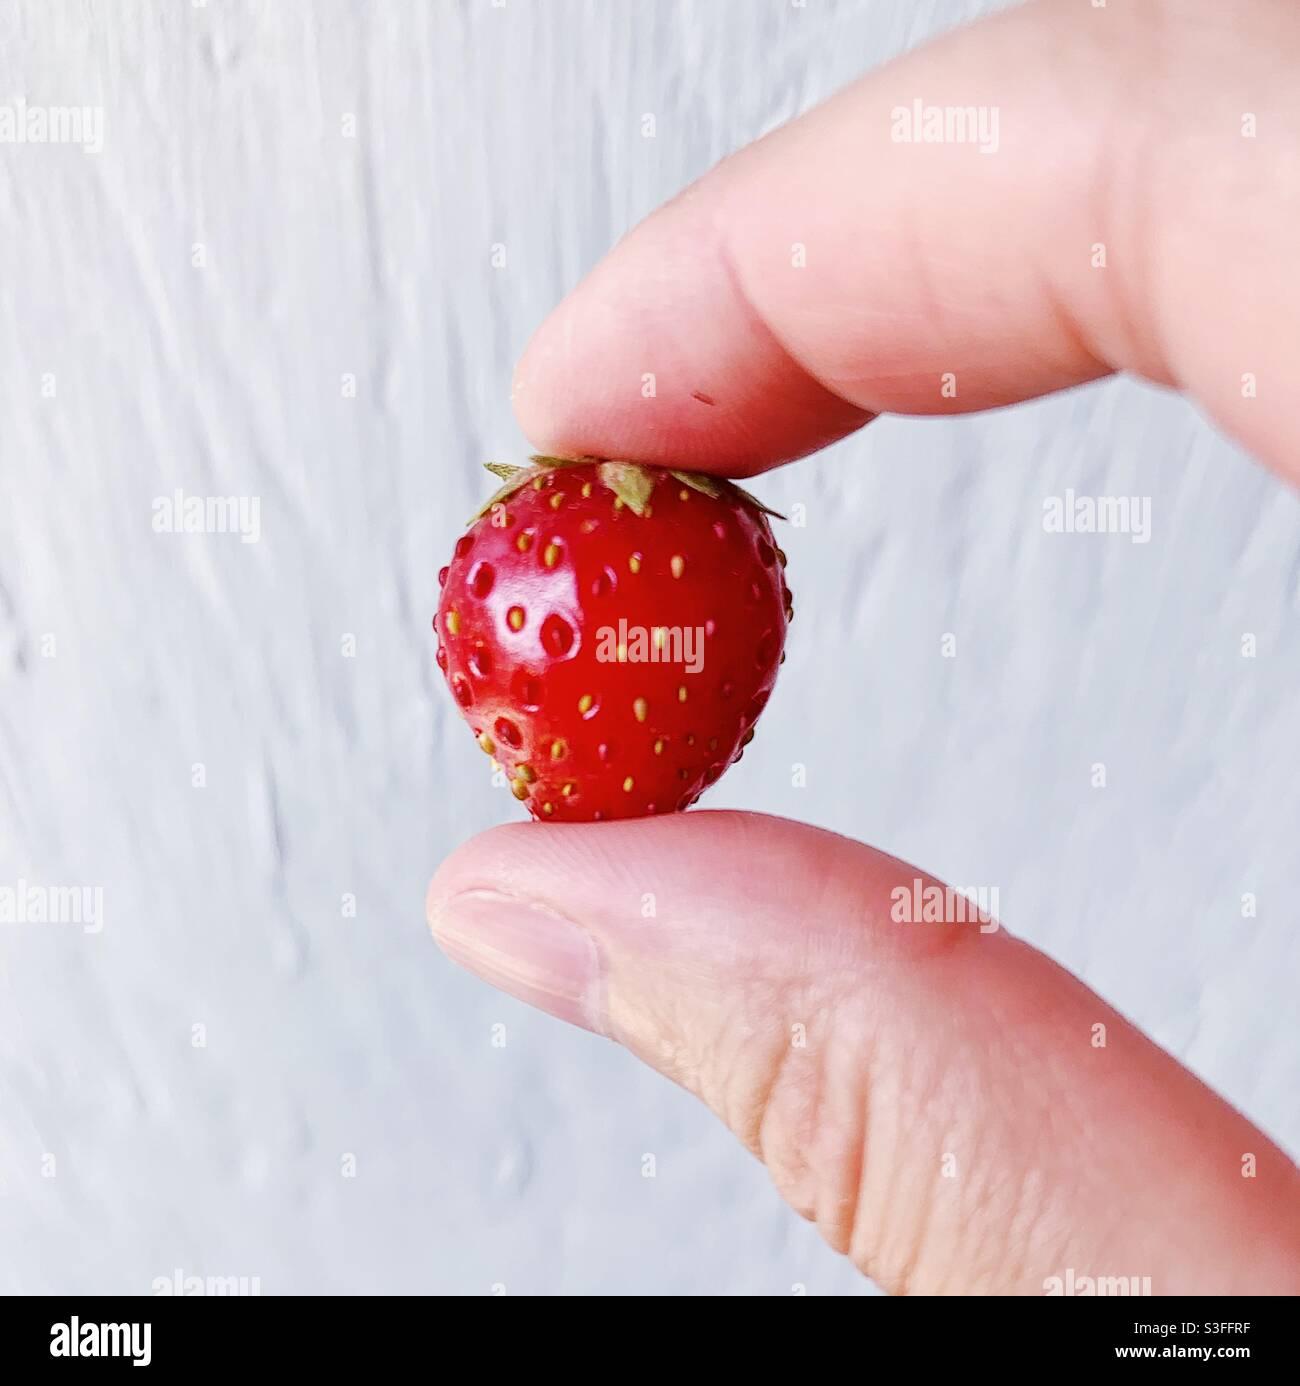 Winzigste, frischeste, leckerste, kleine Gartenerdbeere Stockfoto